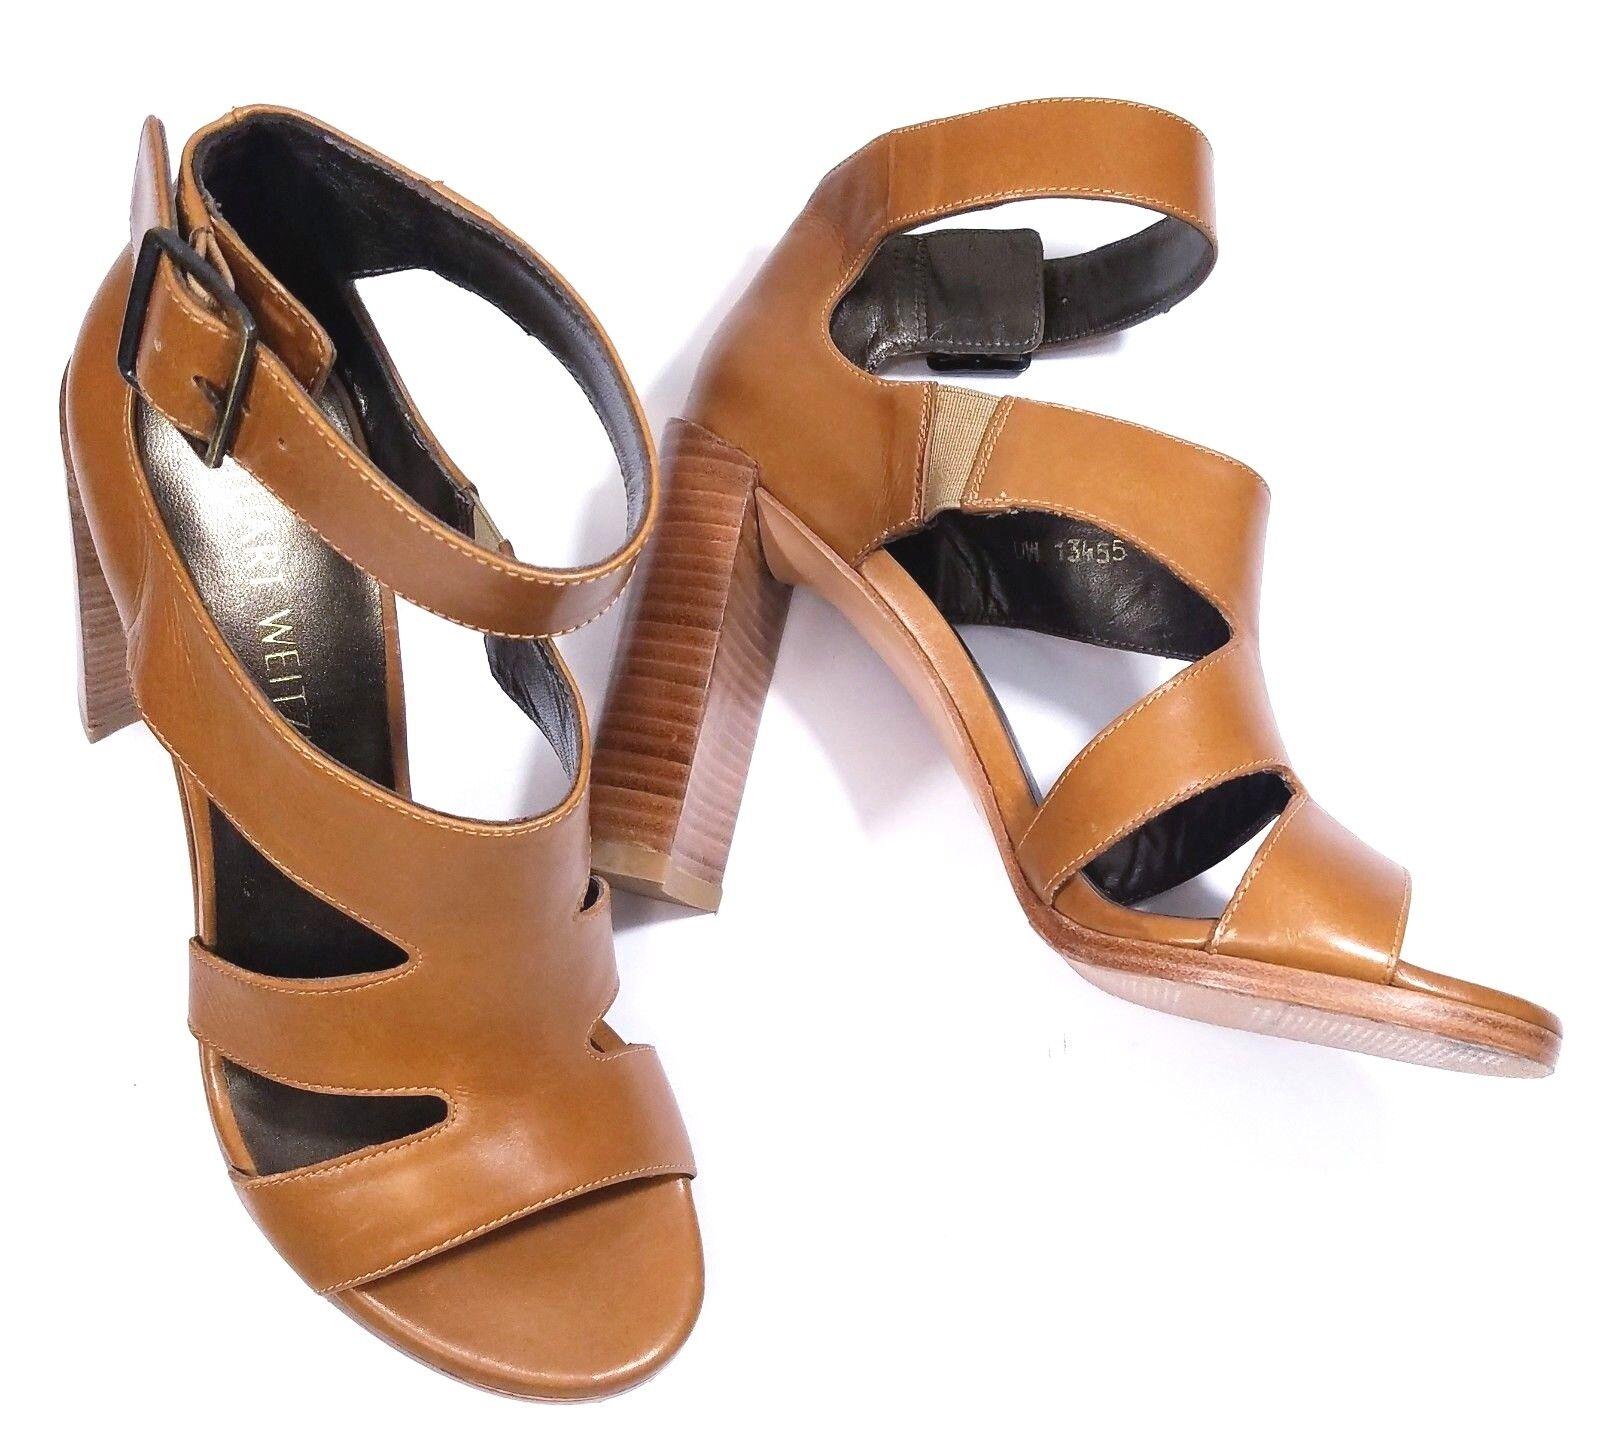 promozioni di squadra Stuart Weitzman Weitzman Weitzman scarpe Hiroller Sandals Open Toe Cut-out Camel 6M  bellissimo